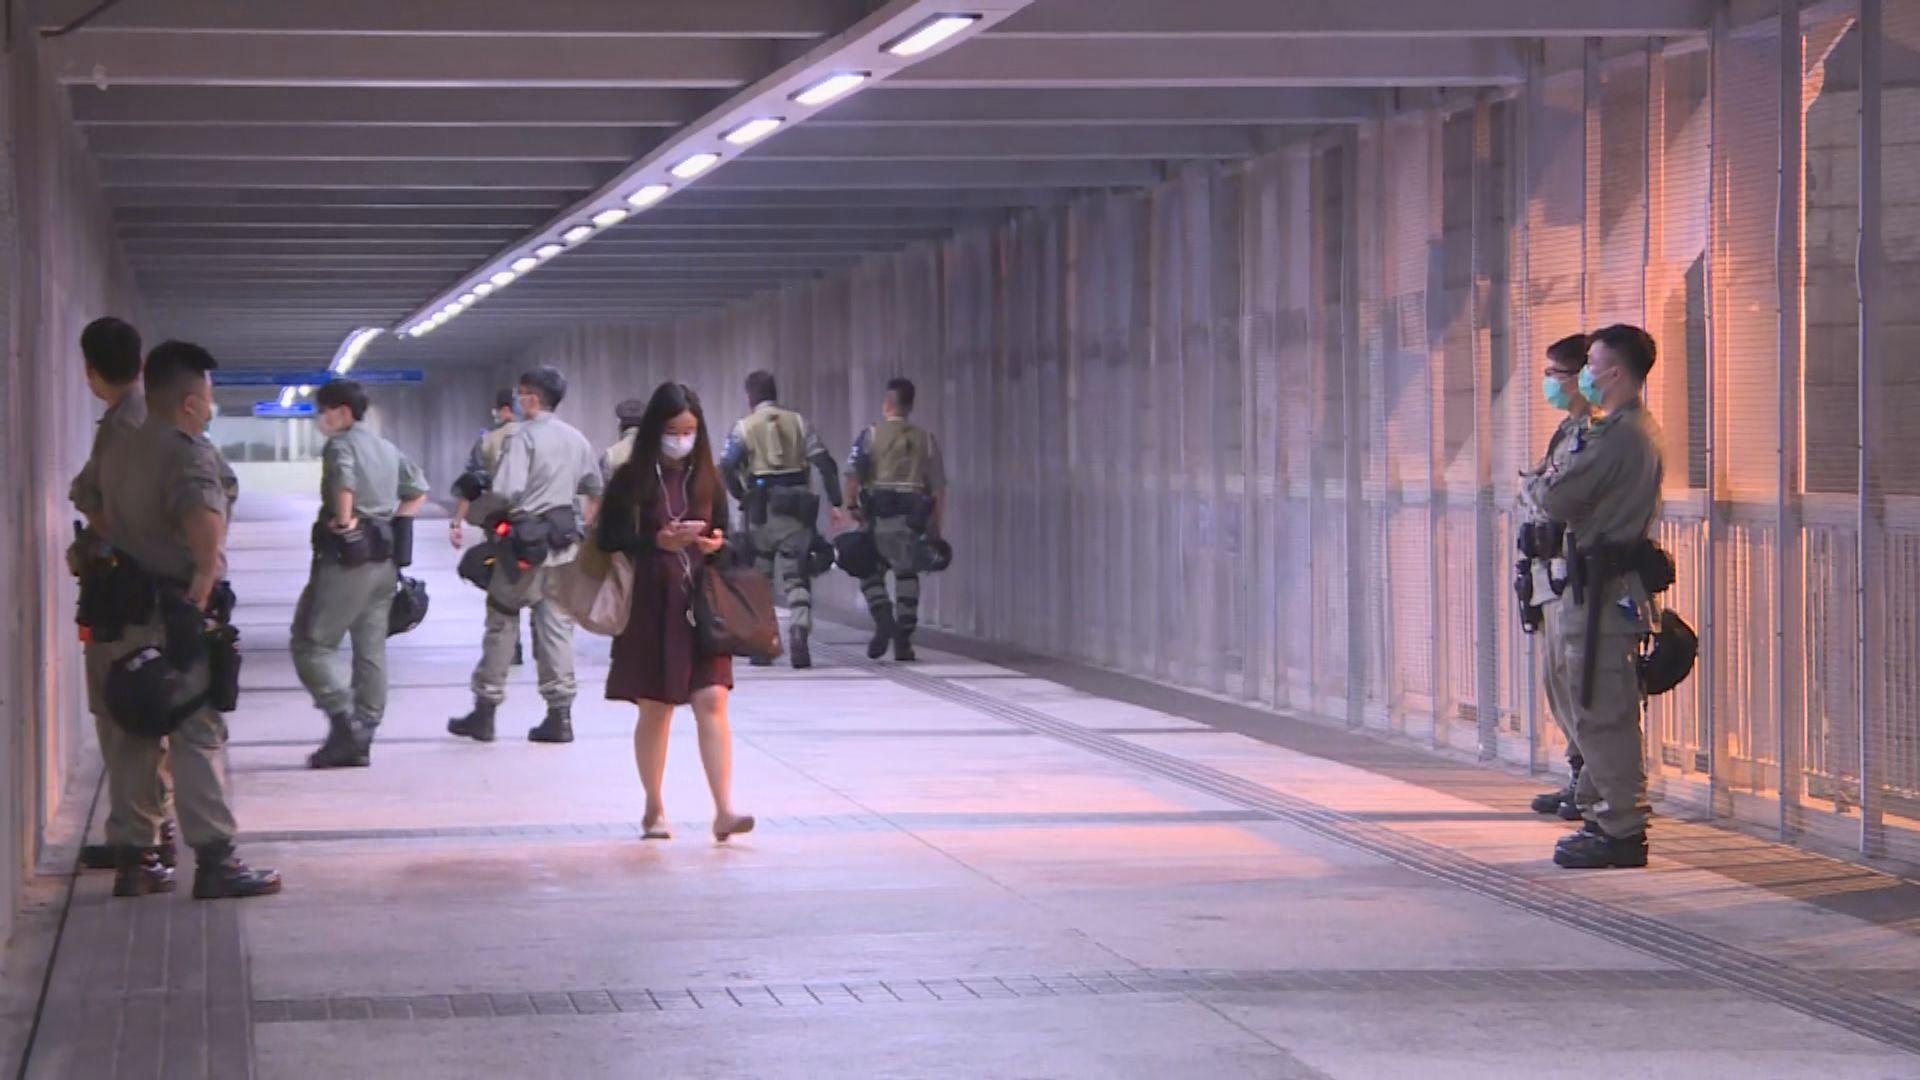 防暴警察於政總一帶巡邏 鄧炳強晚上到場了解情況